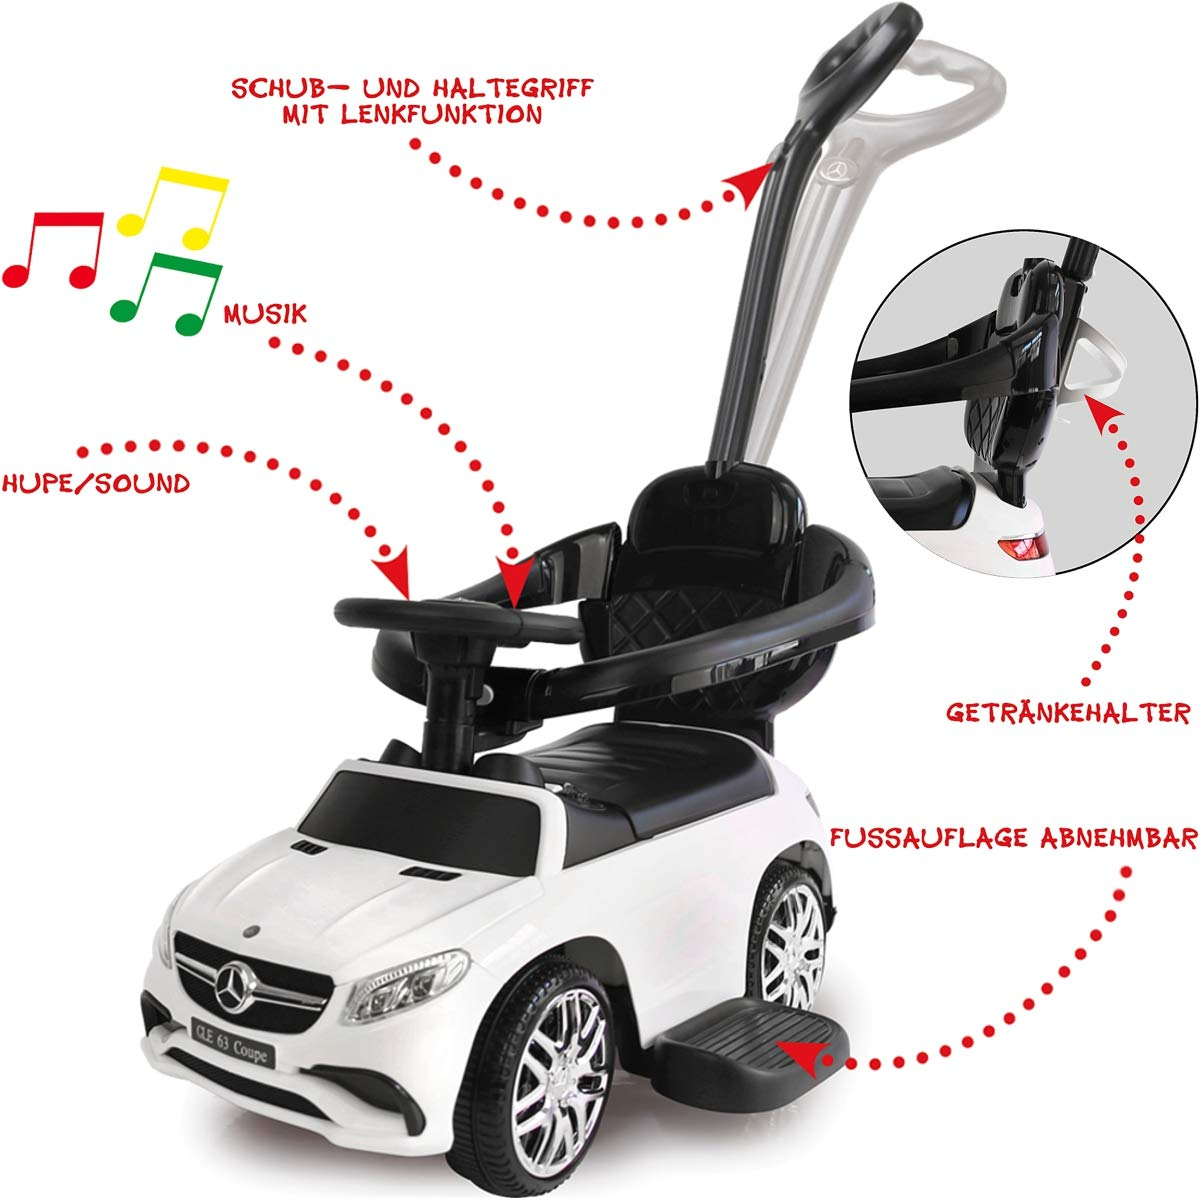 Stimo Mercedes Benz AMG Rutschauto Kinder Fahrzeug Rutscher Auto AMG C63 Coupe BLAU Haltegriff mit Lenkfunktion offiziell lizenziert